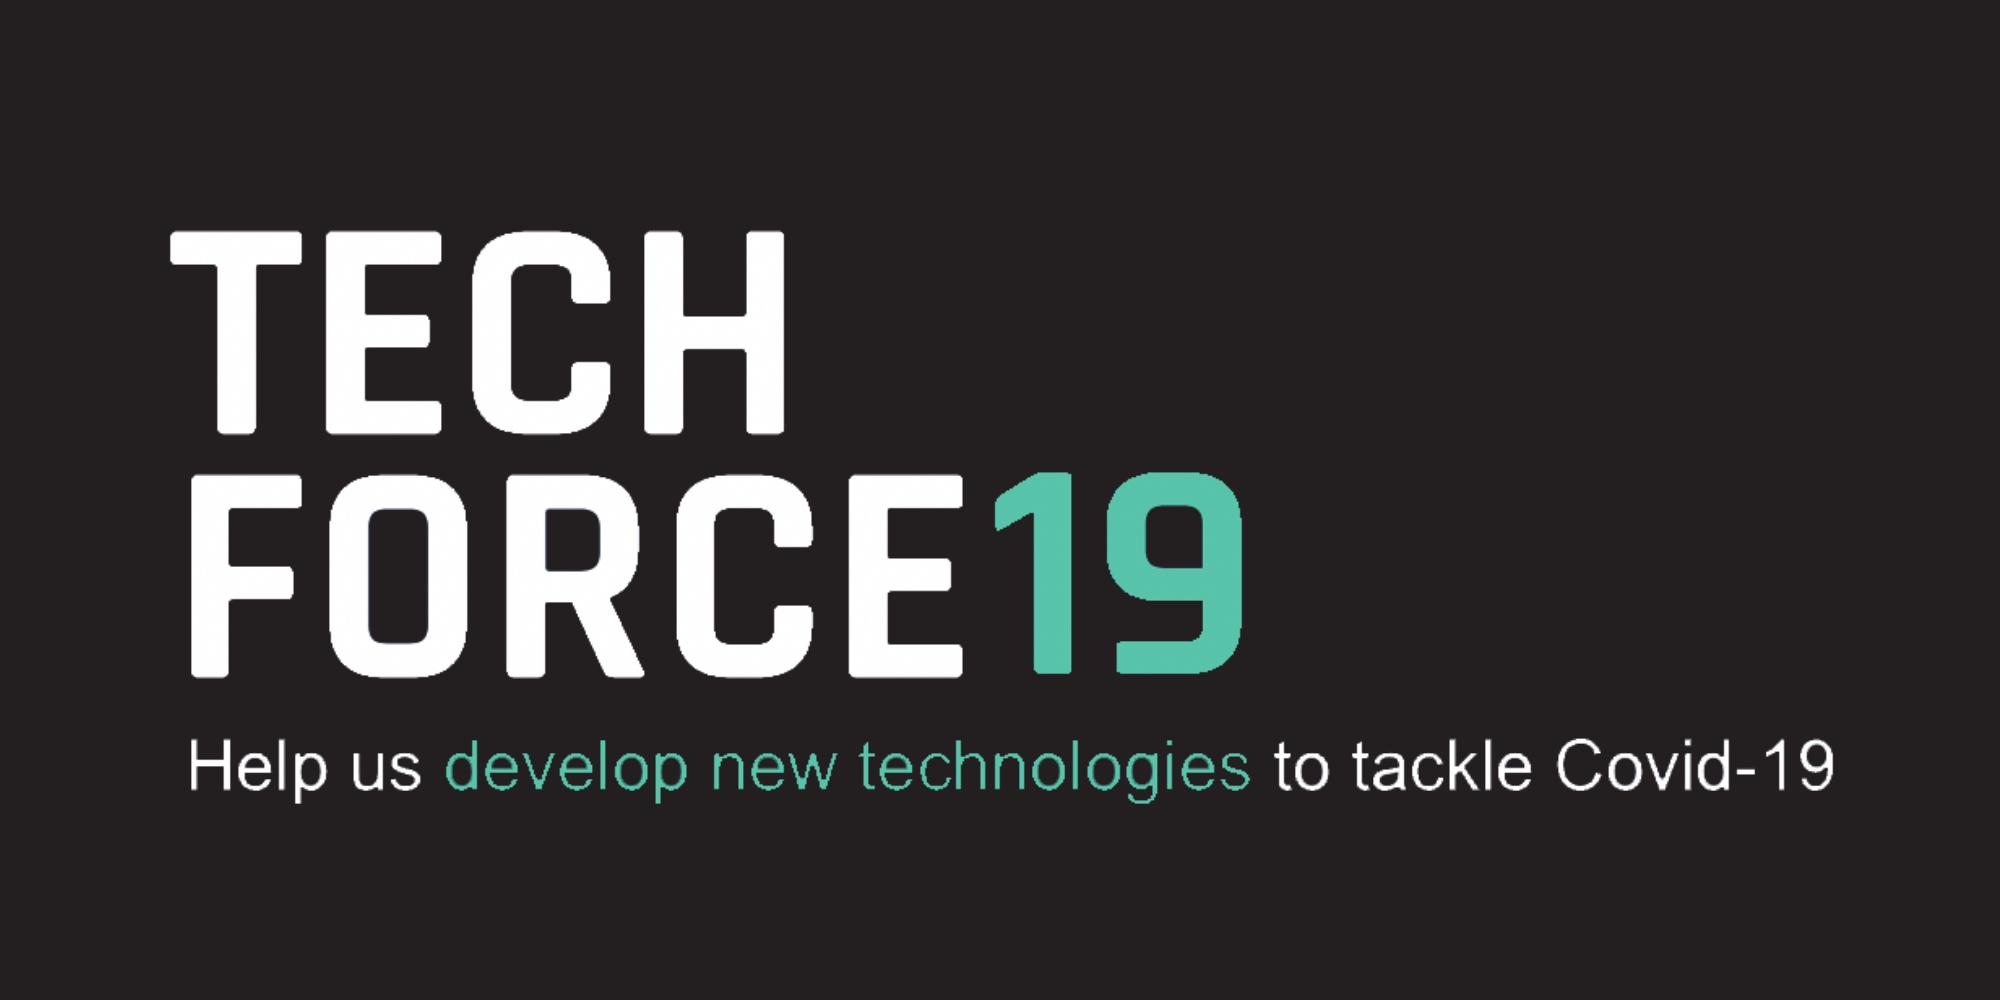 The TechForce19 Challenge